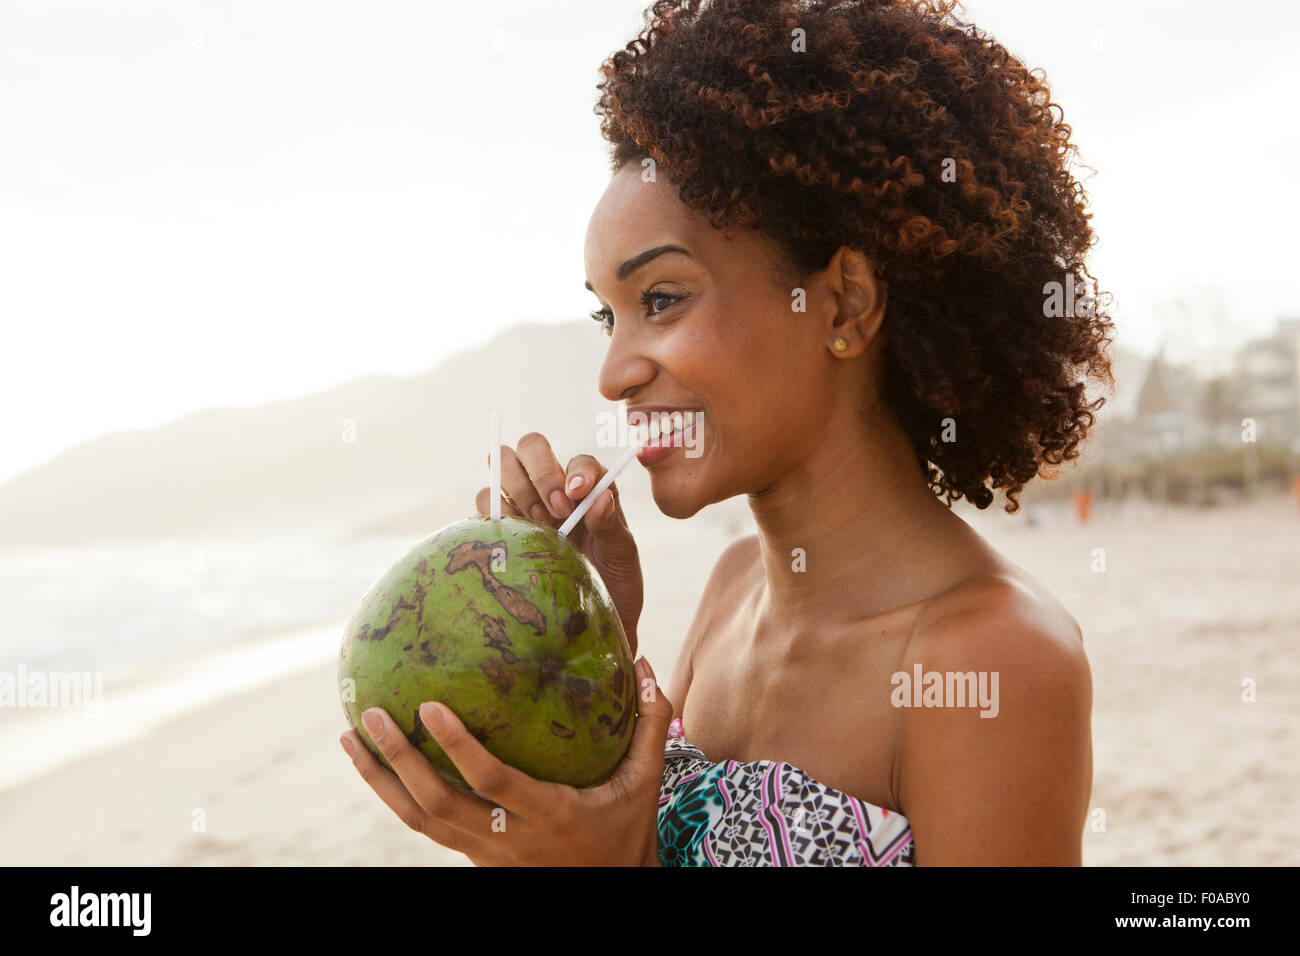 Retrato de mujer joven beber leche de coco en la playa, Río de Janeiro, Brasil Imagen De Stock